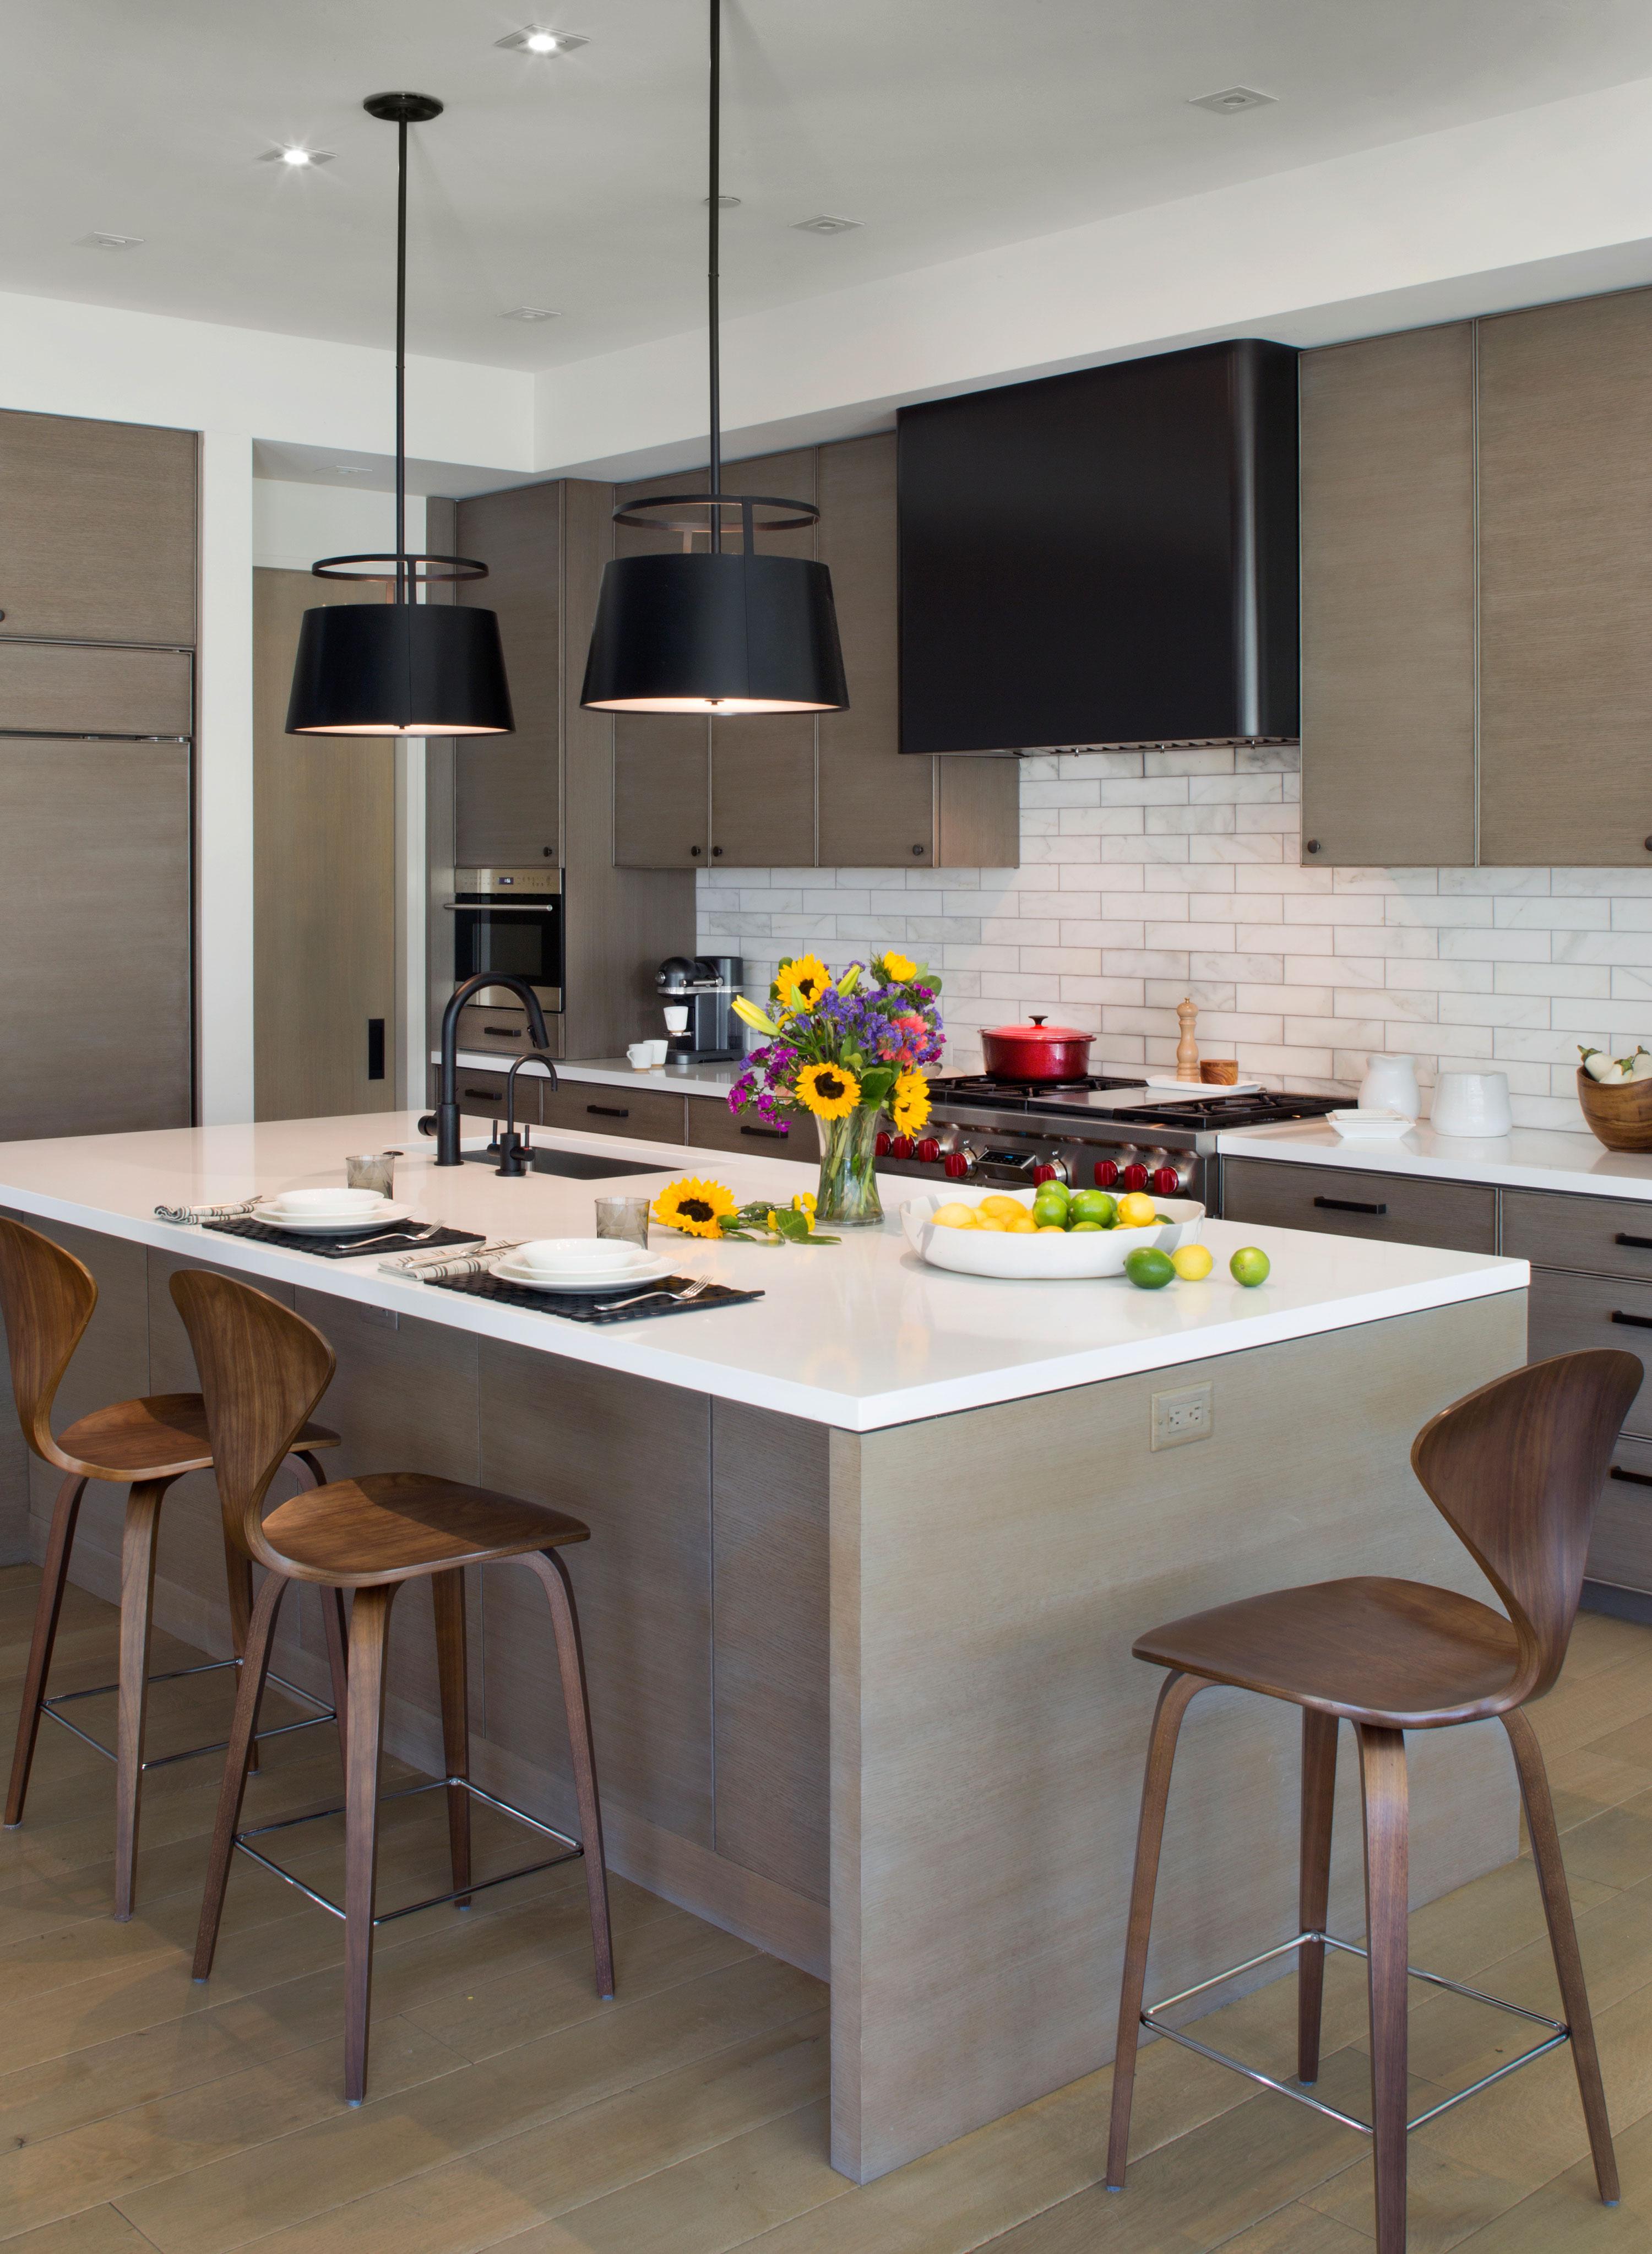 MTN Kitchen - Bierstadt 2